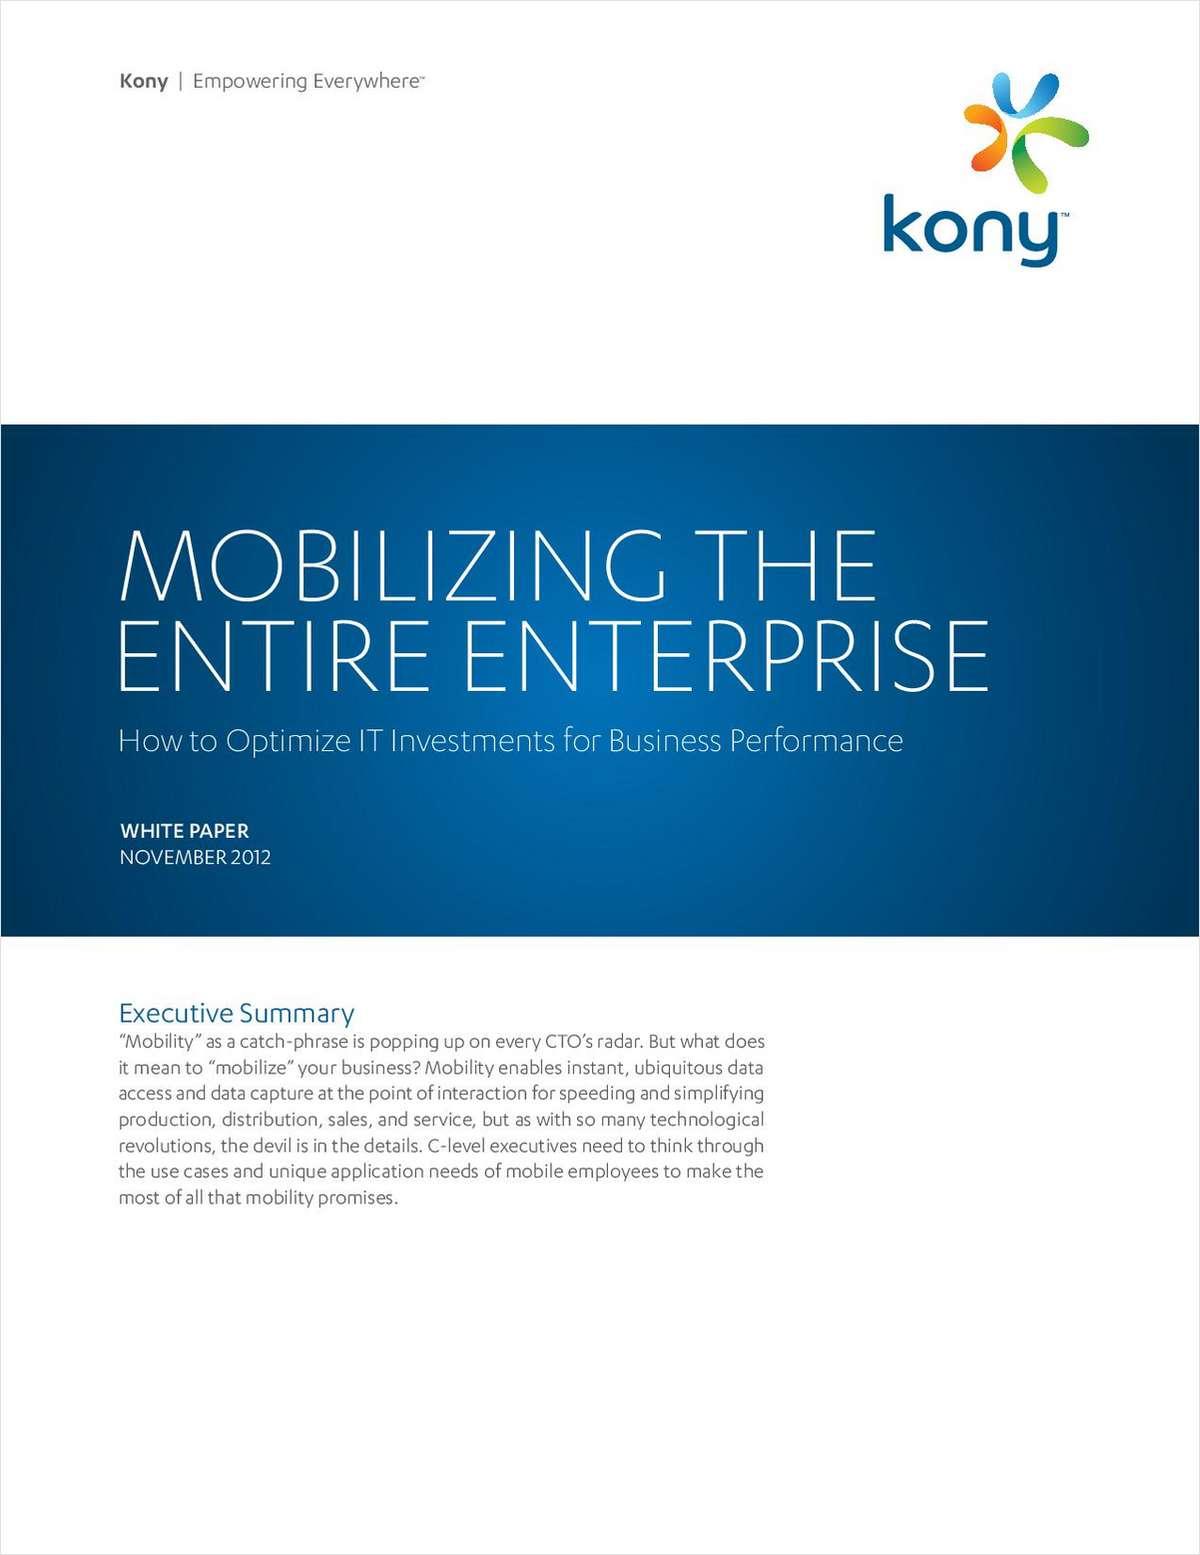 How IT Professionals Mobilize the Entire Enterprise